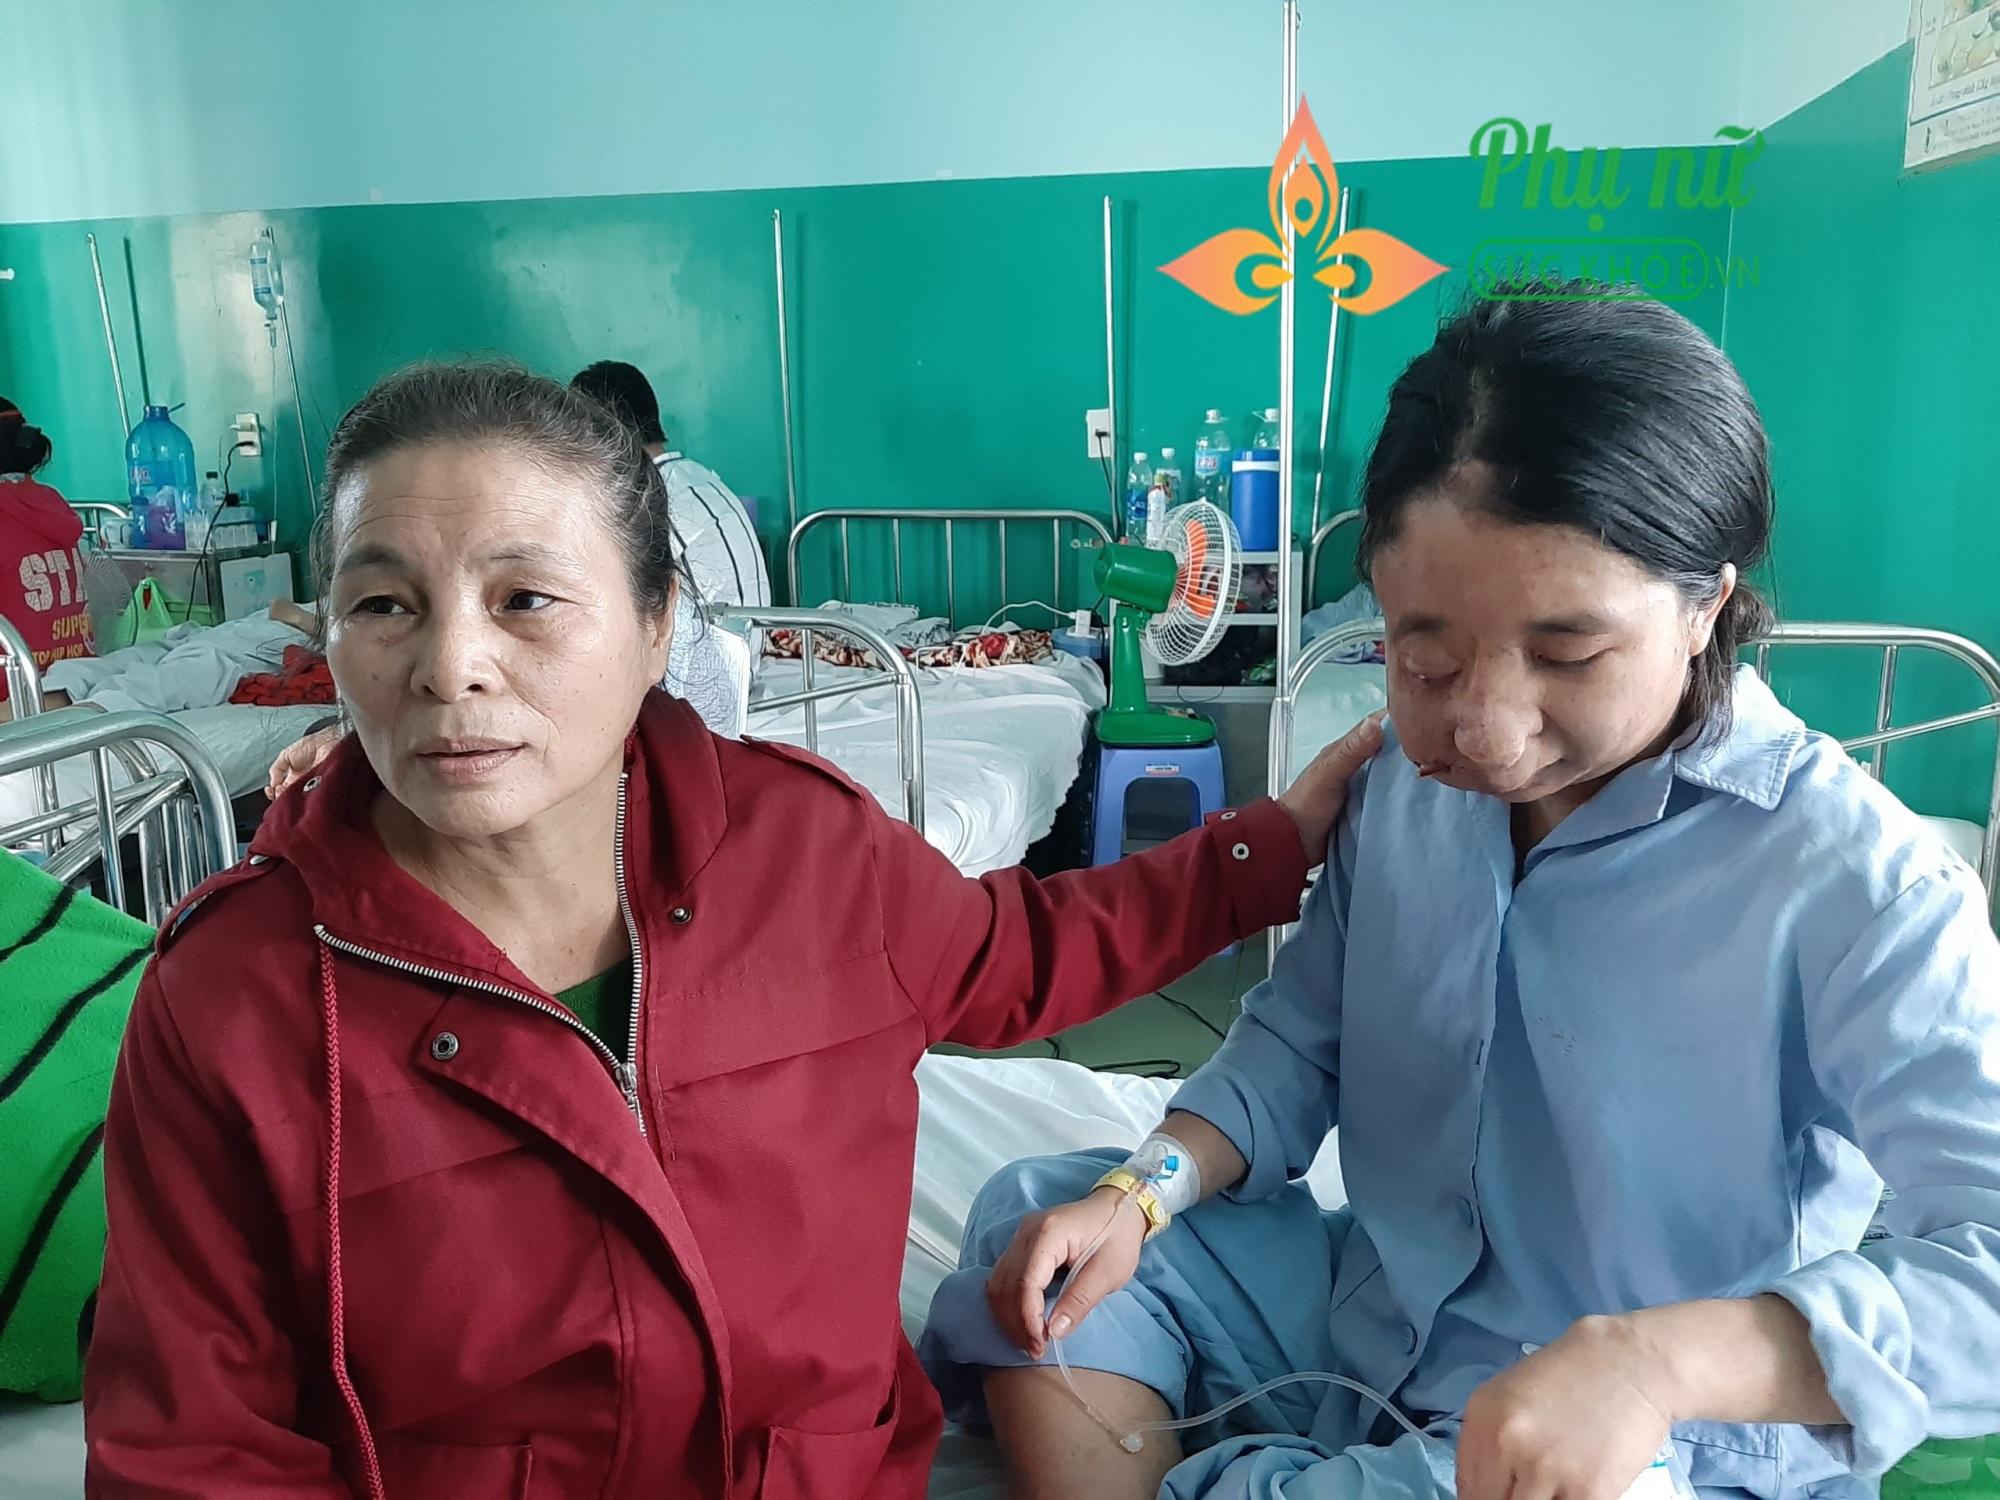 Cô gái mắc bệnh quái ác khiến mặt bị dị dạng, đau đớn tột cùng, chỉ mong được khỏe mạnh lo cho cha mẹ già yếu - Ảnh 3